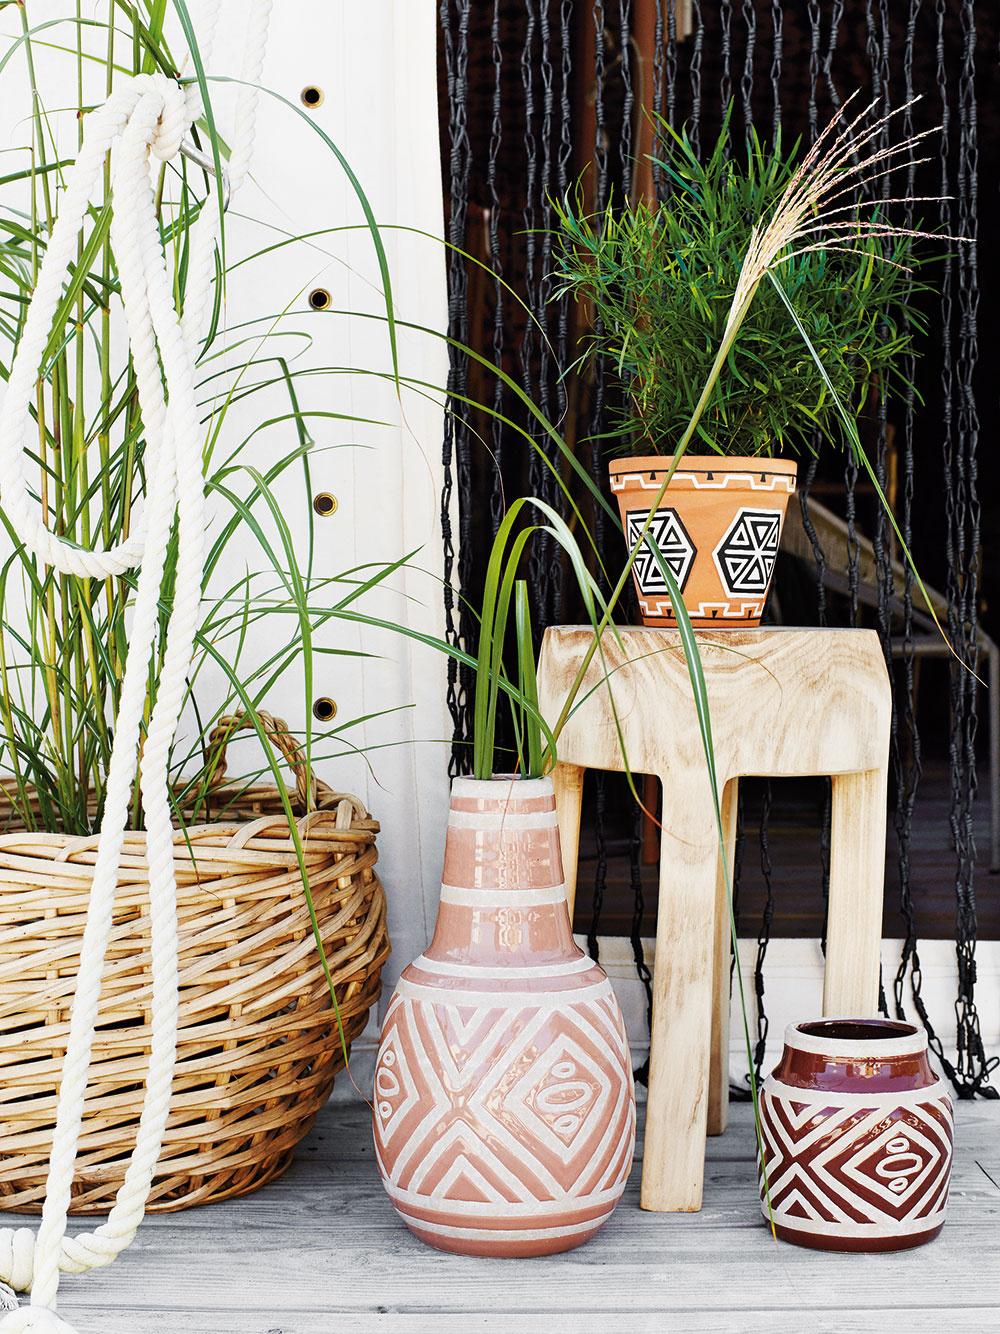 Ručne maľovaný Kvetináč Etno od značky Madam Stoltz, pálená hlina, vponuke dve veľkosti – výška 10/13,5 cm a priemer 10/15 cm, od 6,45 €, www.nordicday.sk